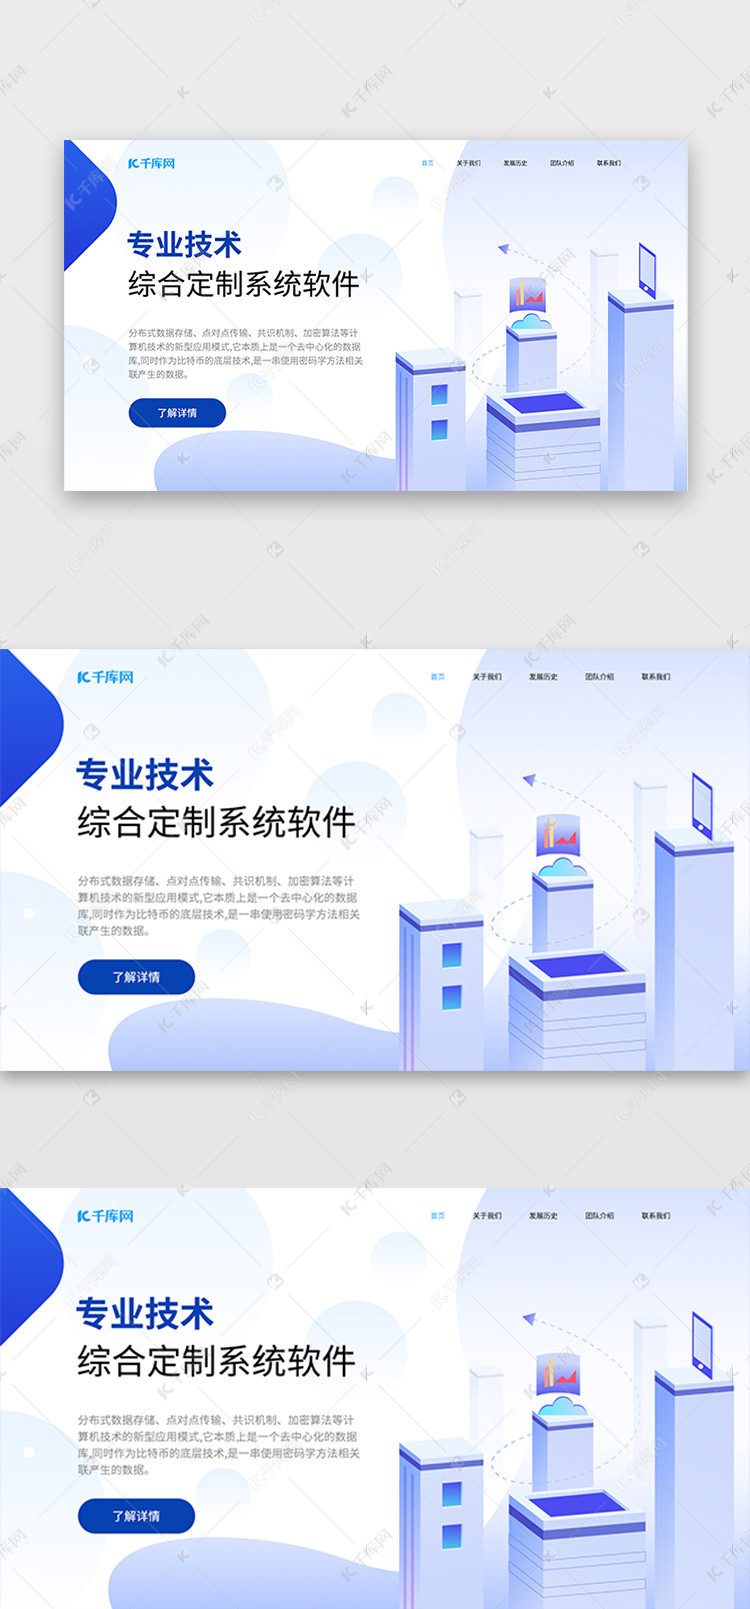 网站2.5d蓝色定制开发软件首屏ui圆台设计素材如何用catia绘制界面图片